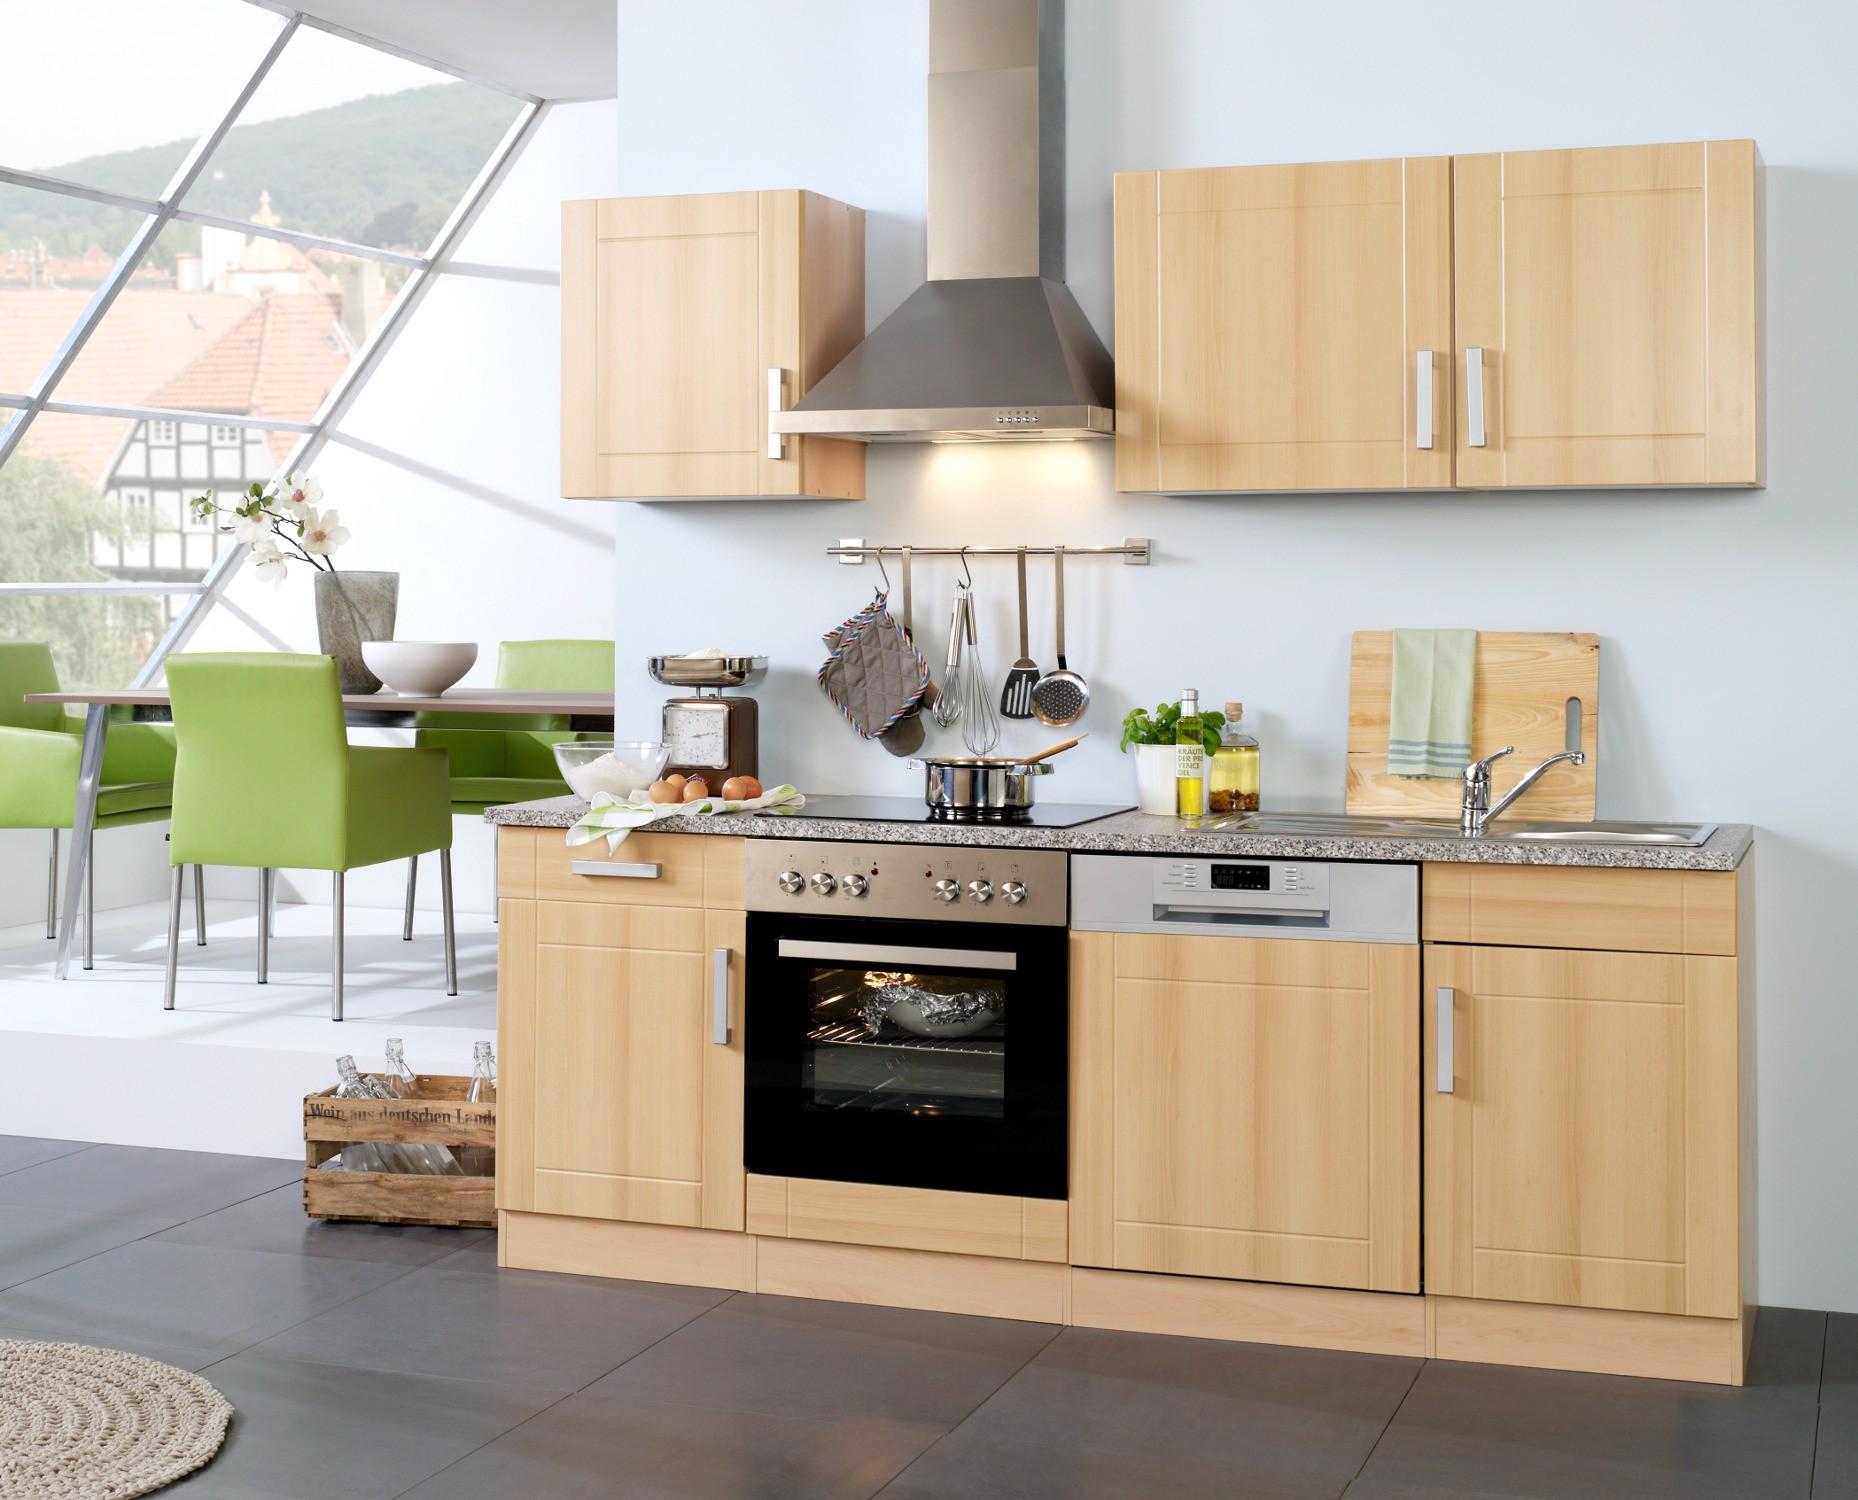 Full Size of Real Küchen Kche Mit Elektrogerten U Form Billig Kaufen Und Montage Regal Wohnzimmer Real Küchen